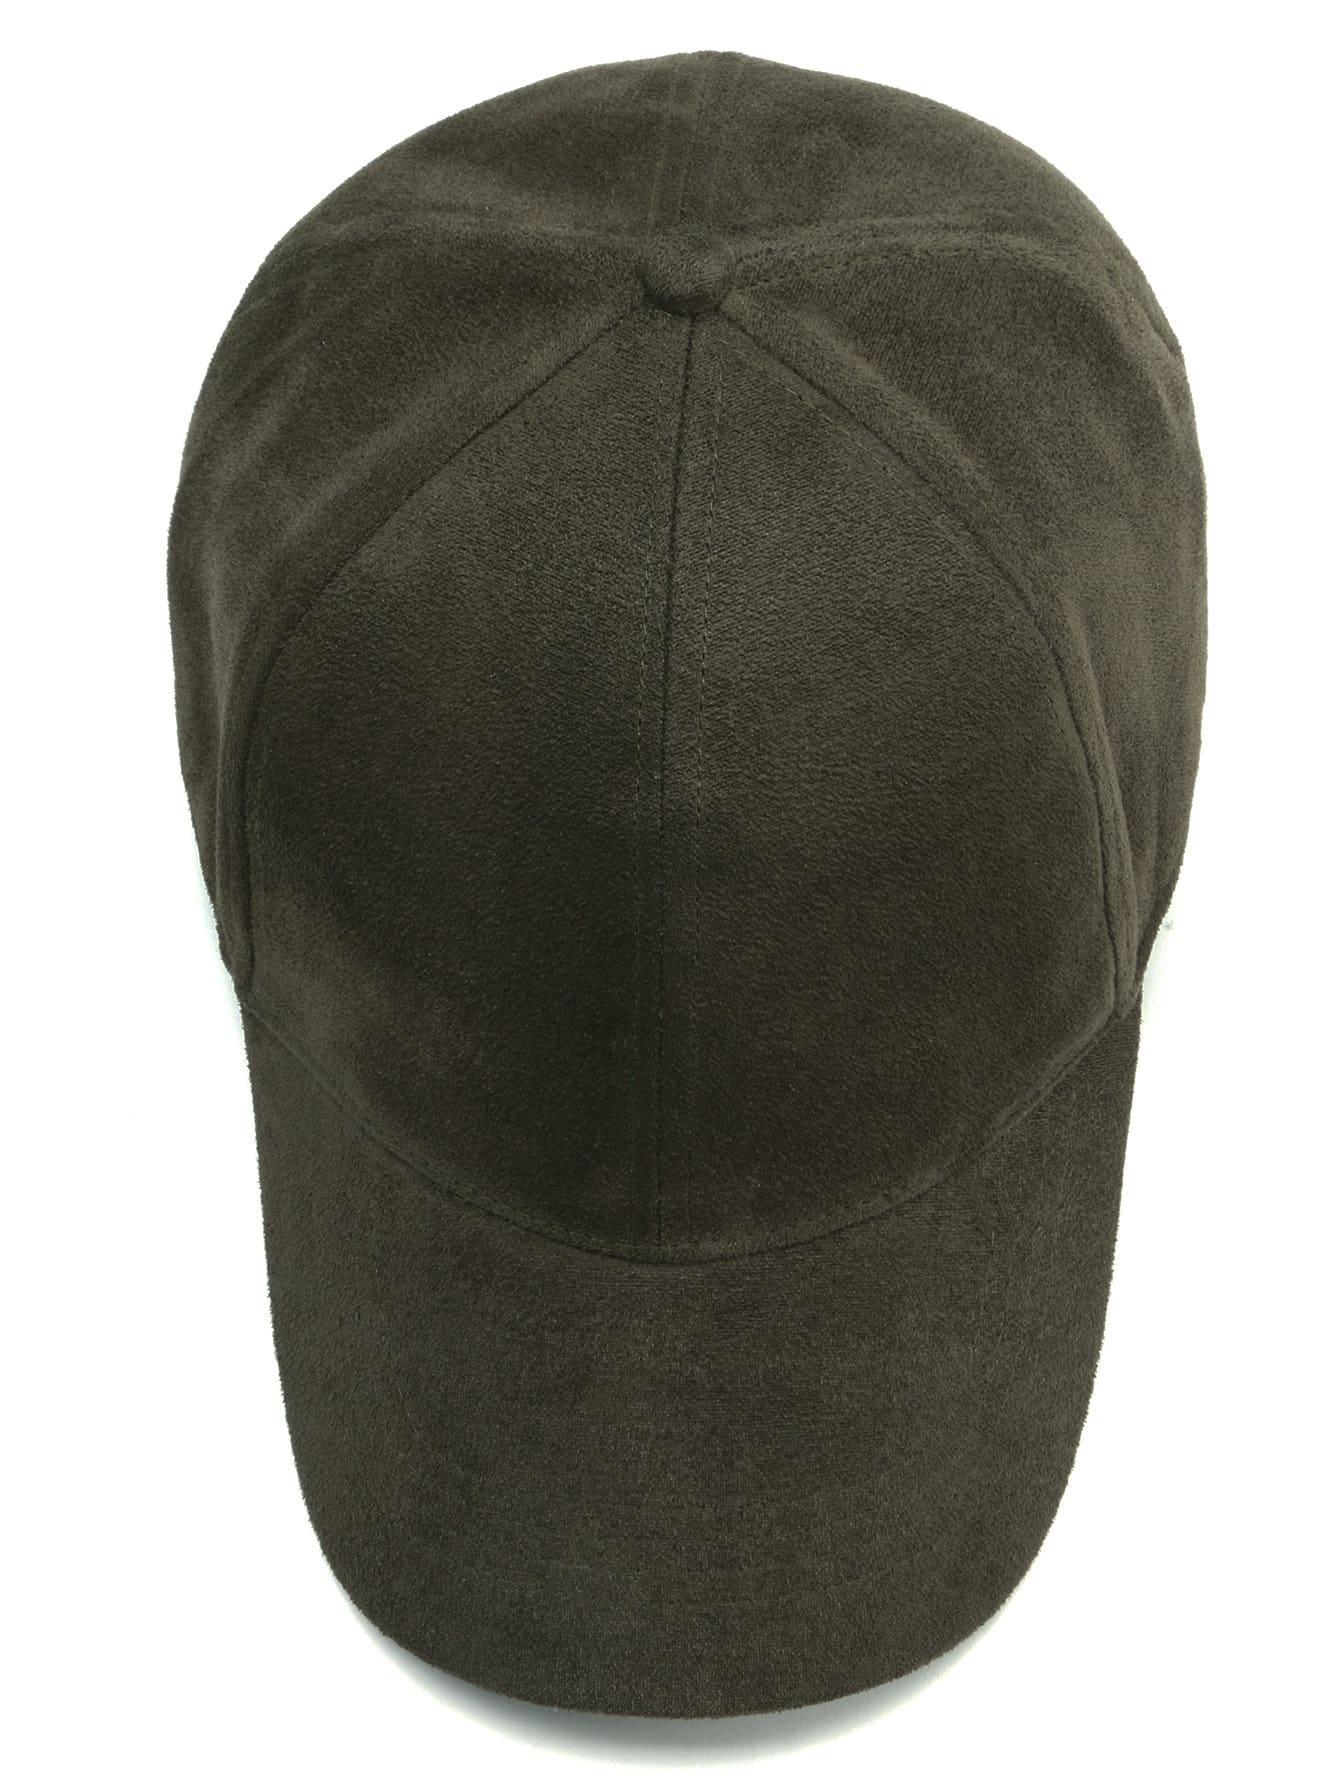 hat160912302_2